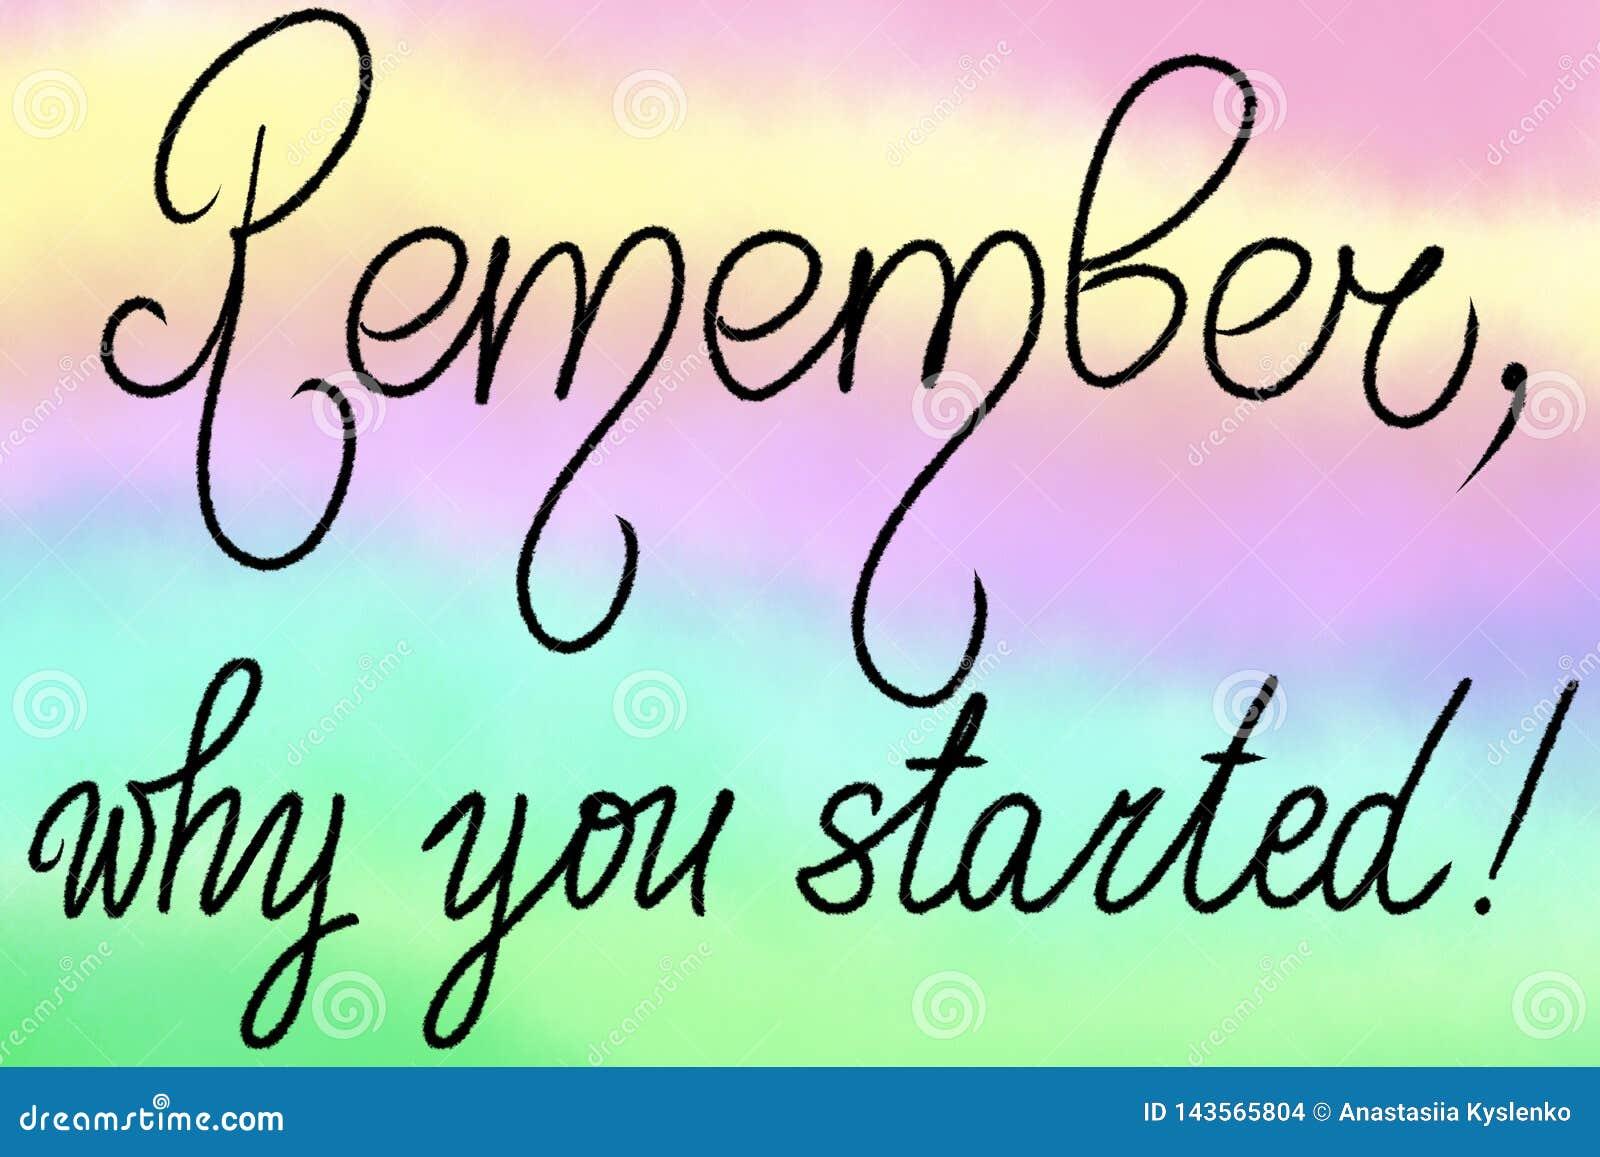 Erinnern Sie sich, warum Sie begannen! Motivphrase für Mädchen oder Jungen Handschriftbeschriftung Illustration für Sportmotivati